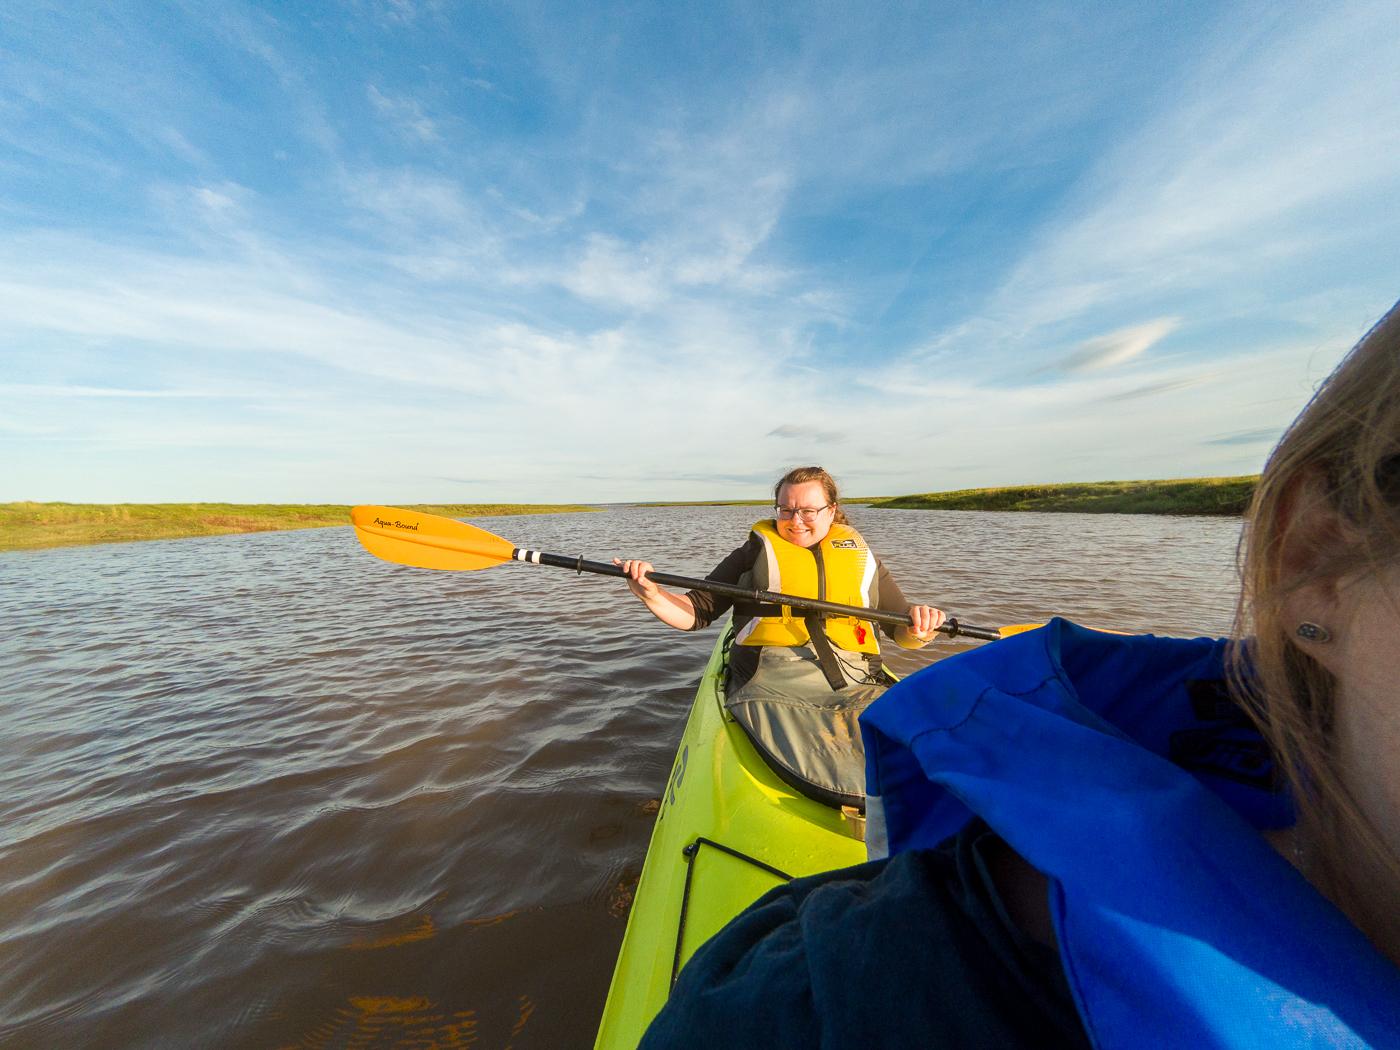 Jennifer avec pagaie à l'arrière du kayak